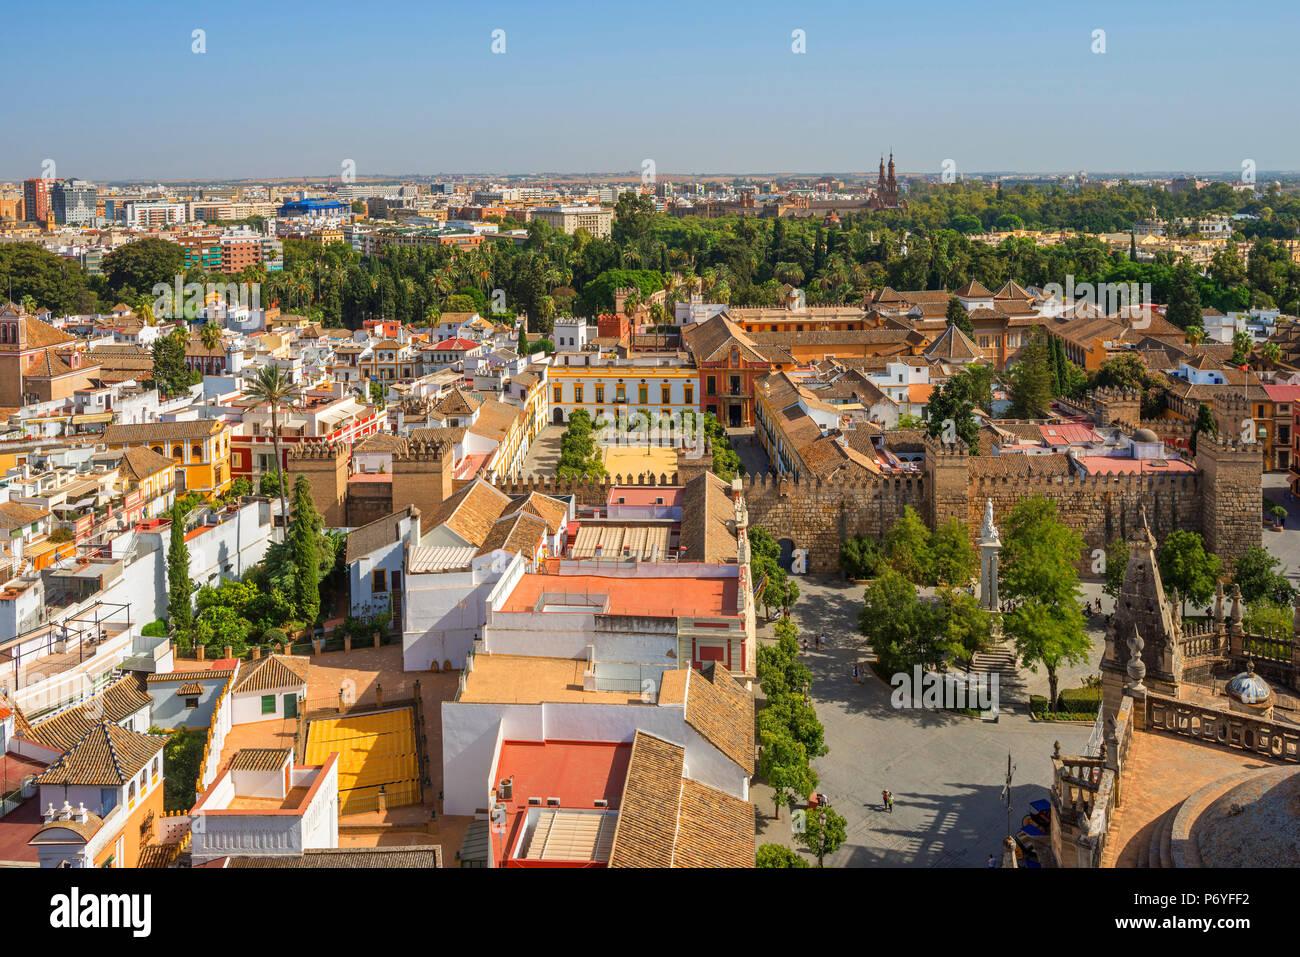 Blick von der Giralda Turm der Kathedrale auf der Real Alcazar und Sevilla, UNESCO-Weltkulturerbe, Andalusien, Spanien Stockbild